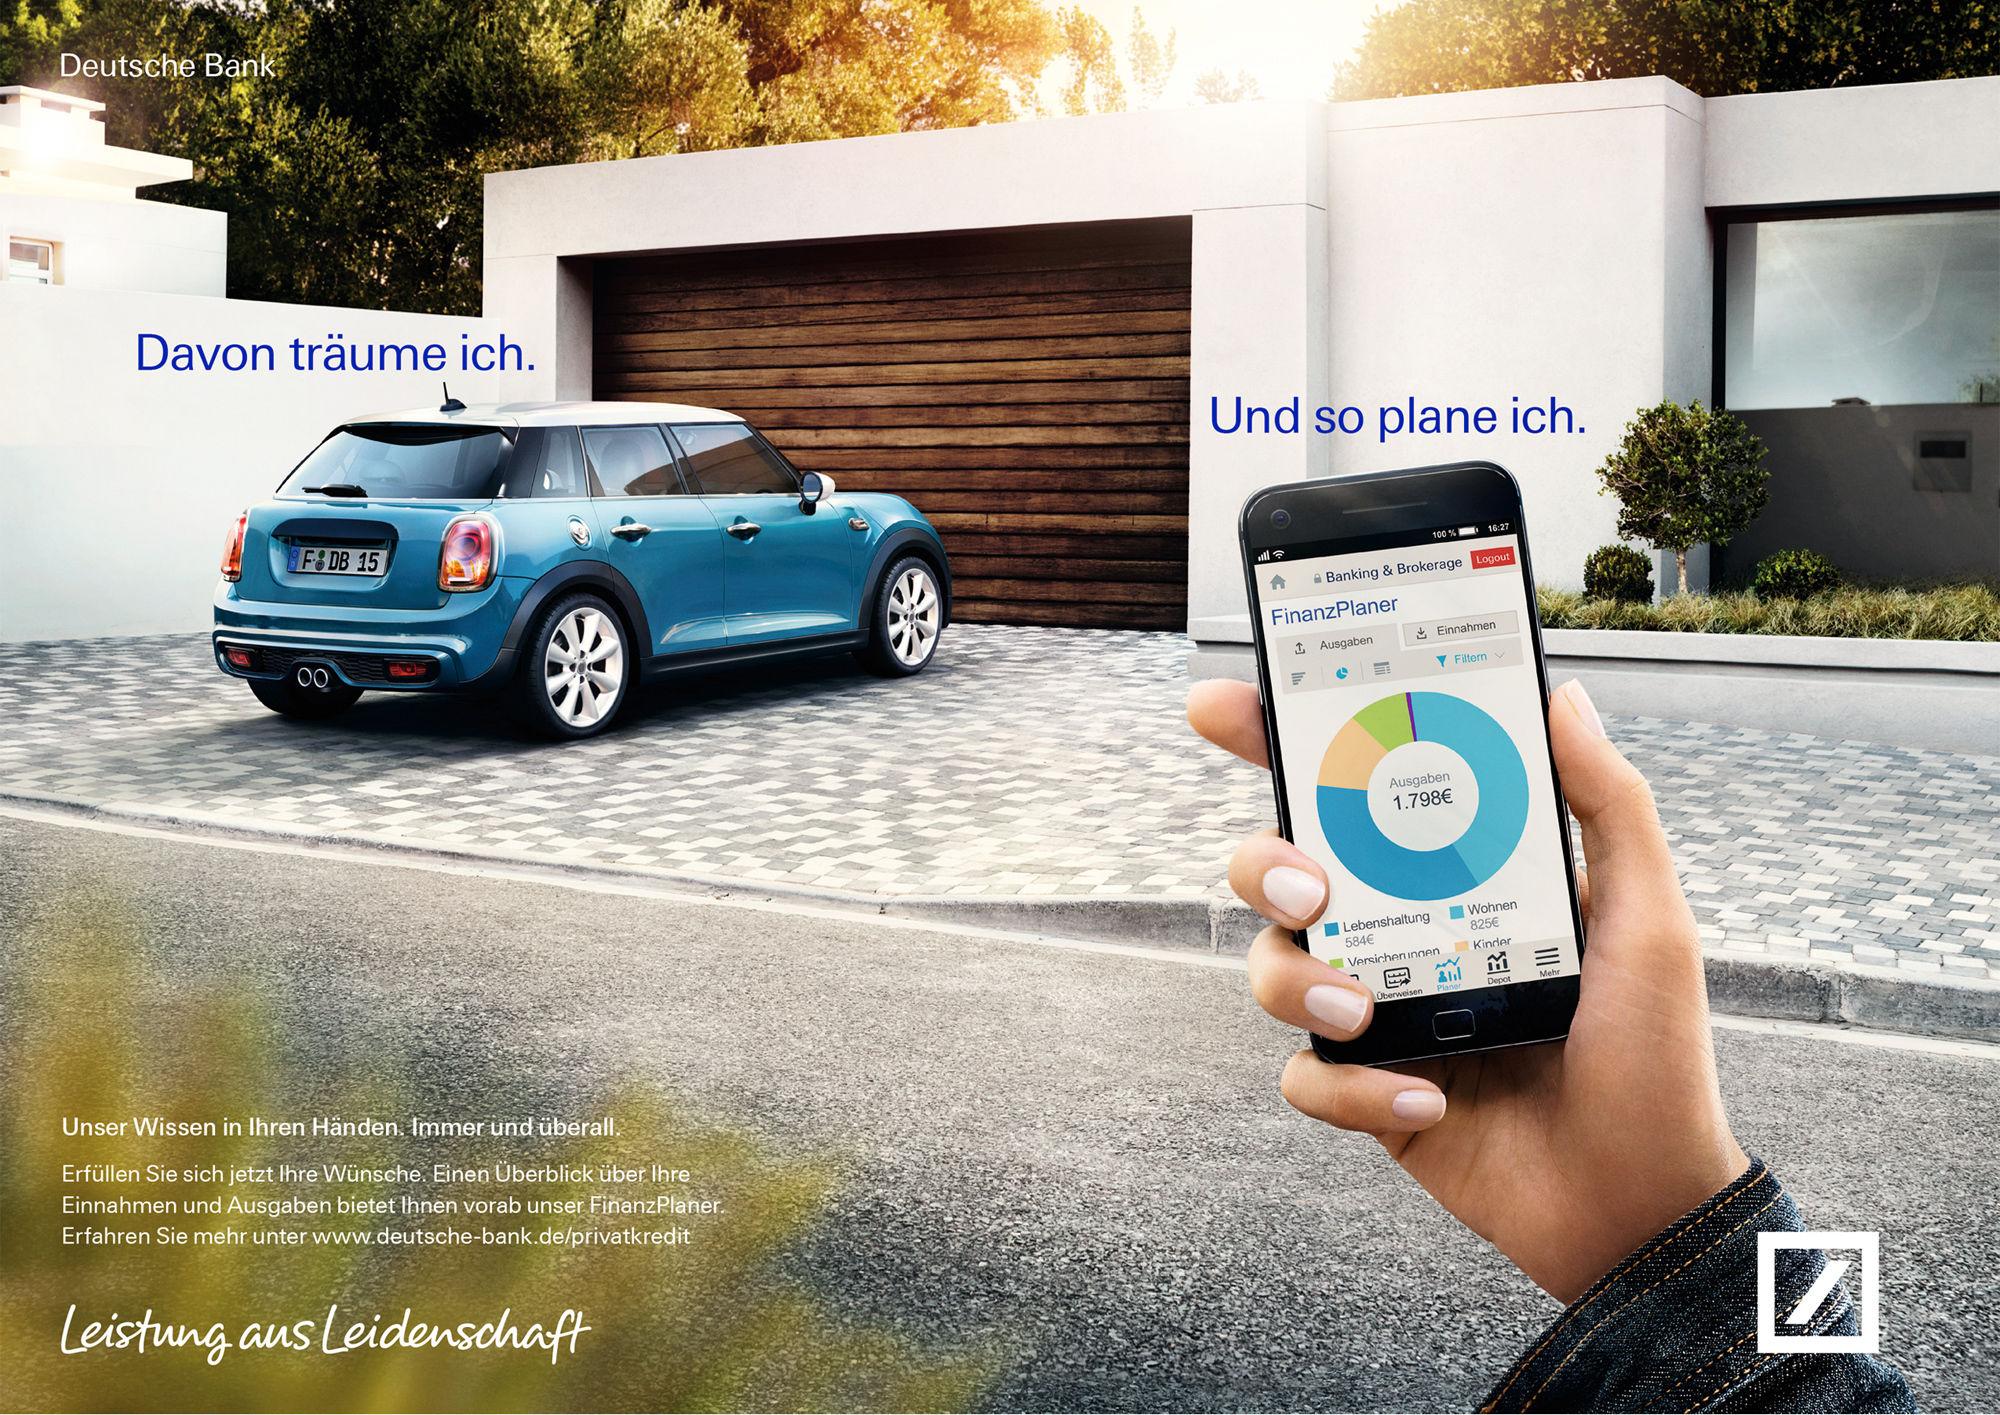 Gosee Deutsche Bank Kampagne